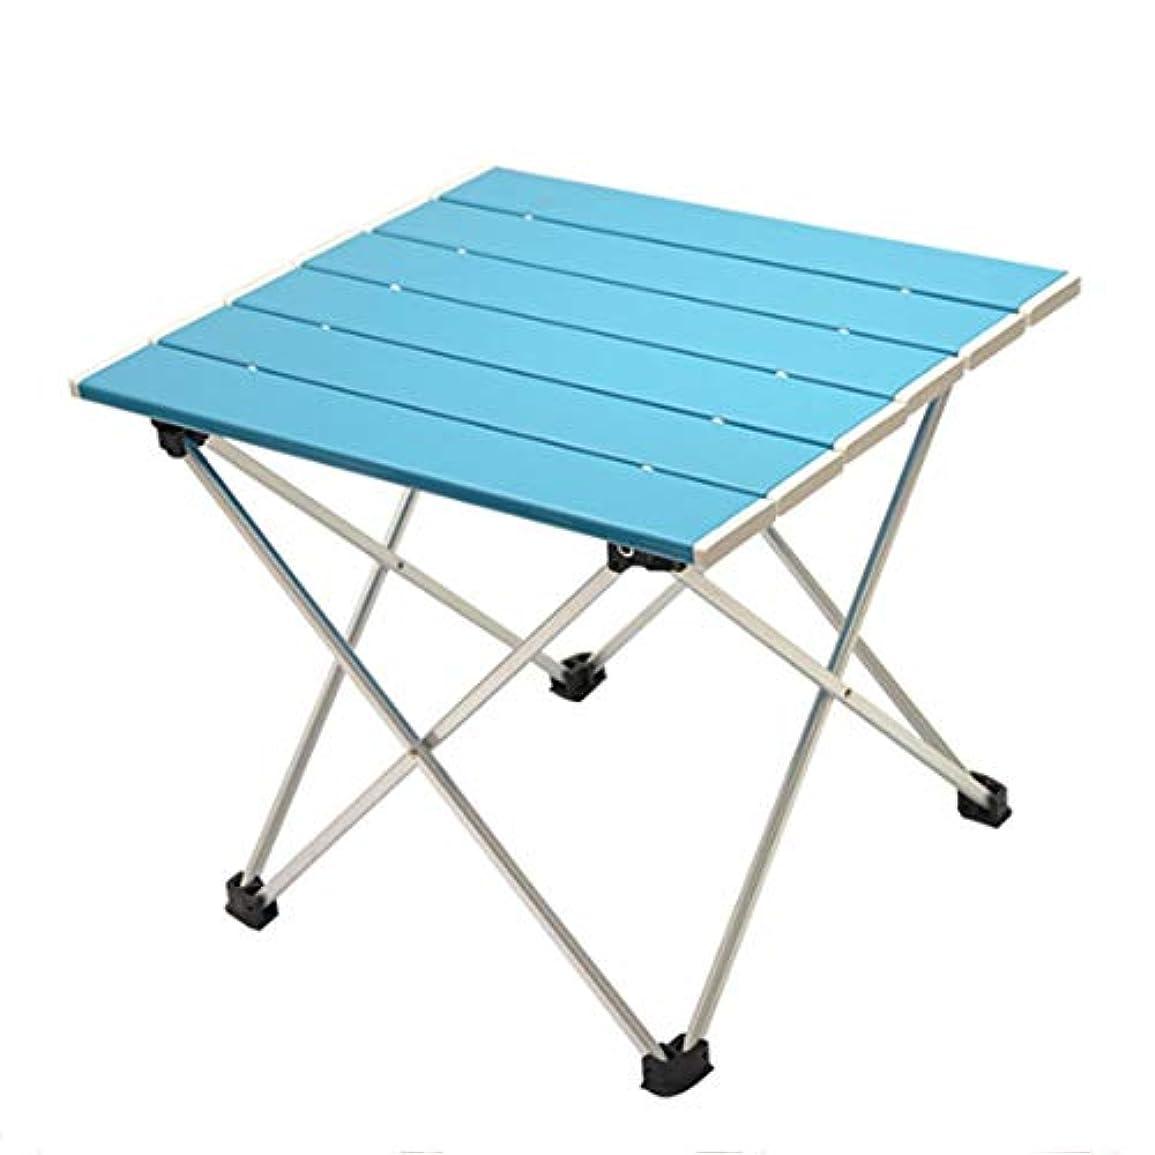 不明瞭雪だるまを作るショッキング携帯用折りたたみ式テーブル、小型の超軽量アルミ製卓上、汎用性が高く、便利な、屋内外での使用に最適、パーティー、ピクニック、レストラン、ビーチ、バーベキュー